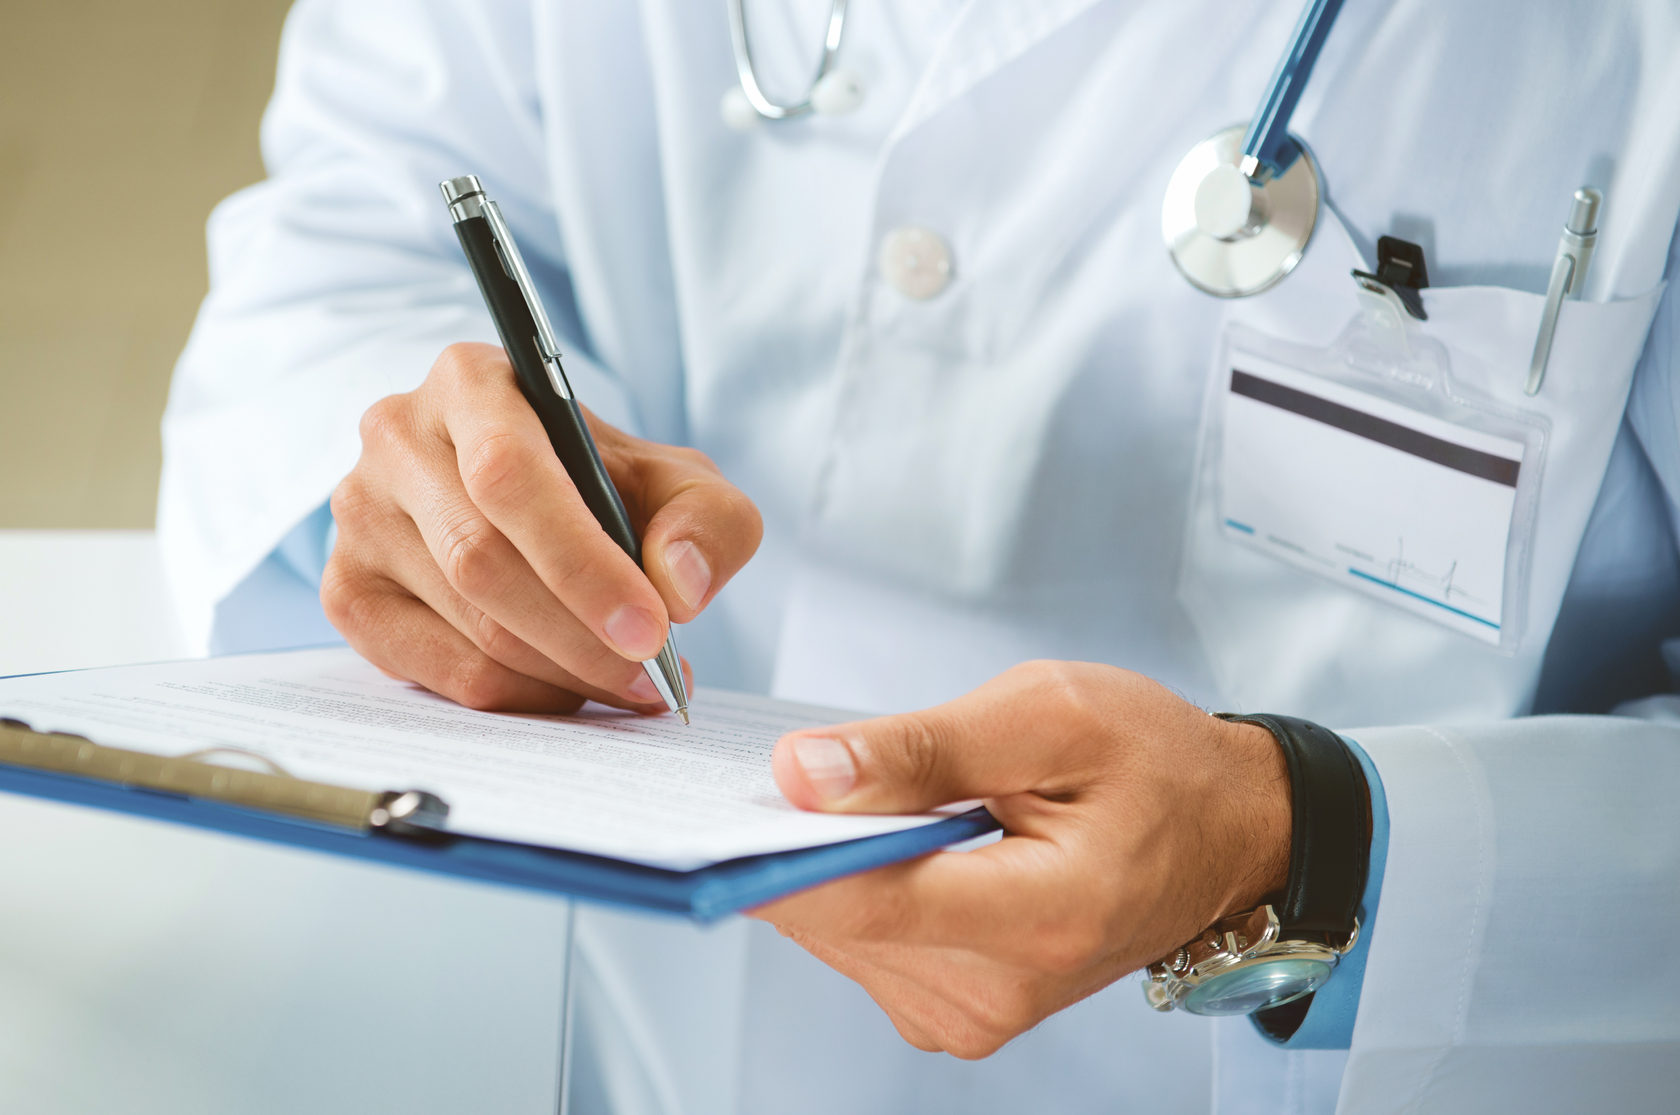 Заключение комиссии экспертов по комплексной амбулаторной психолого-психиатрической экспертизе